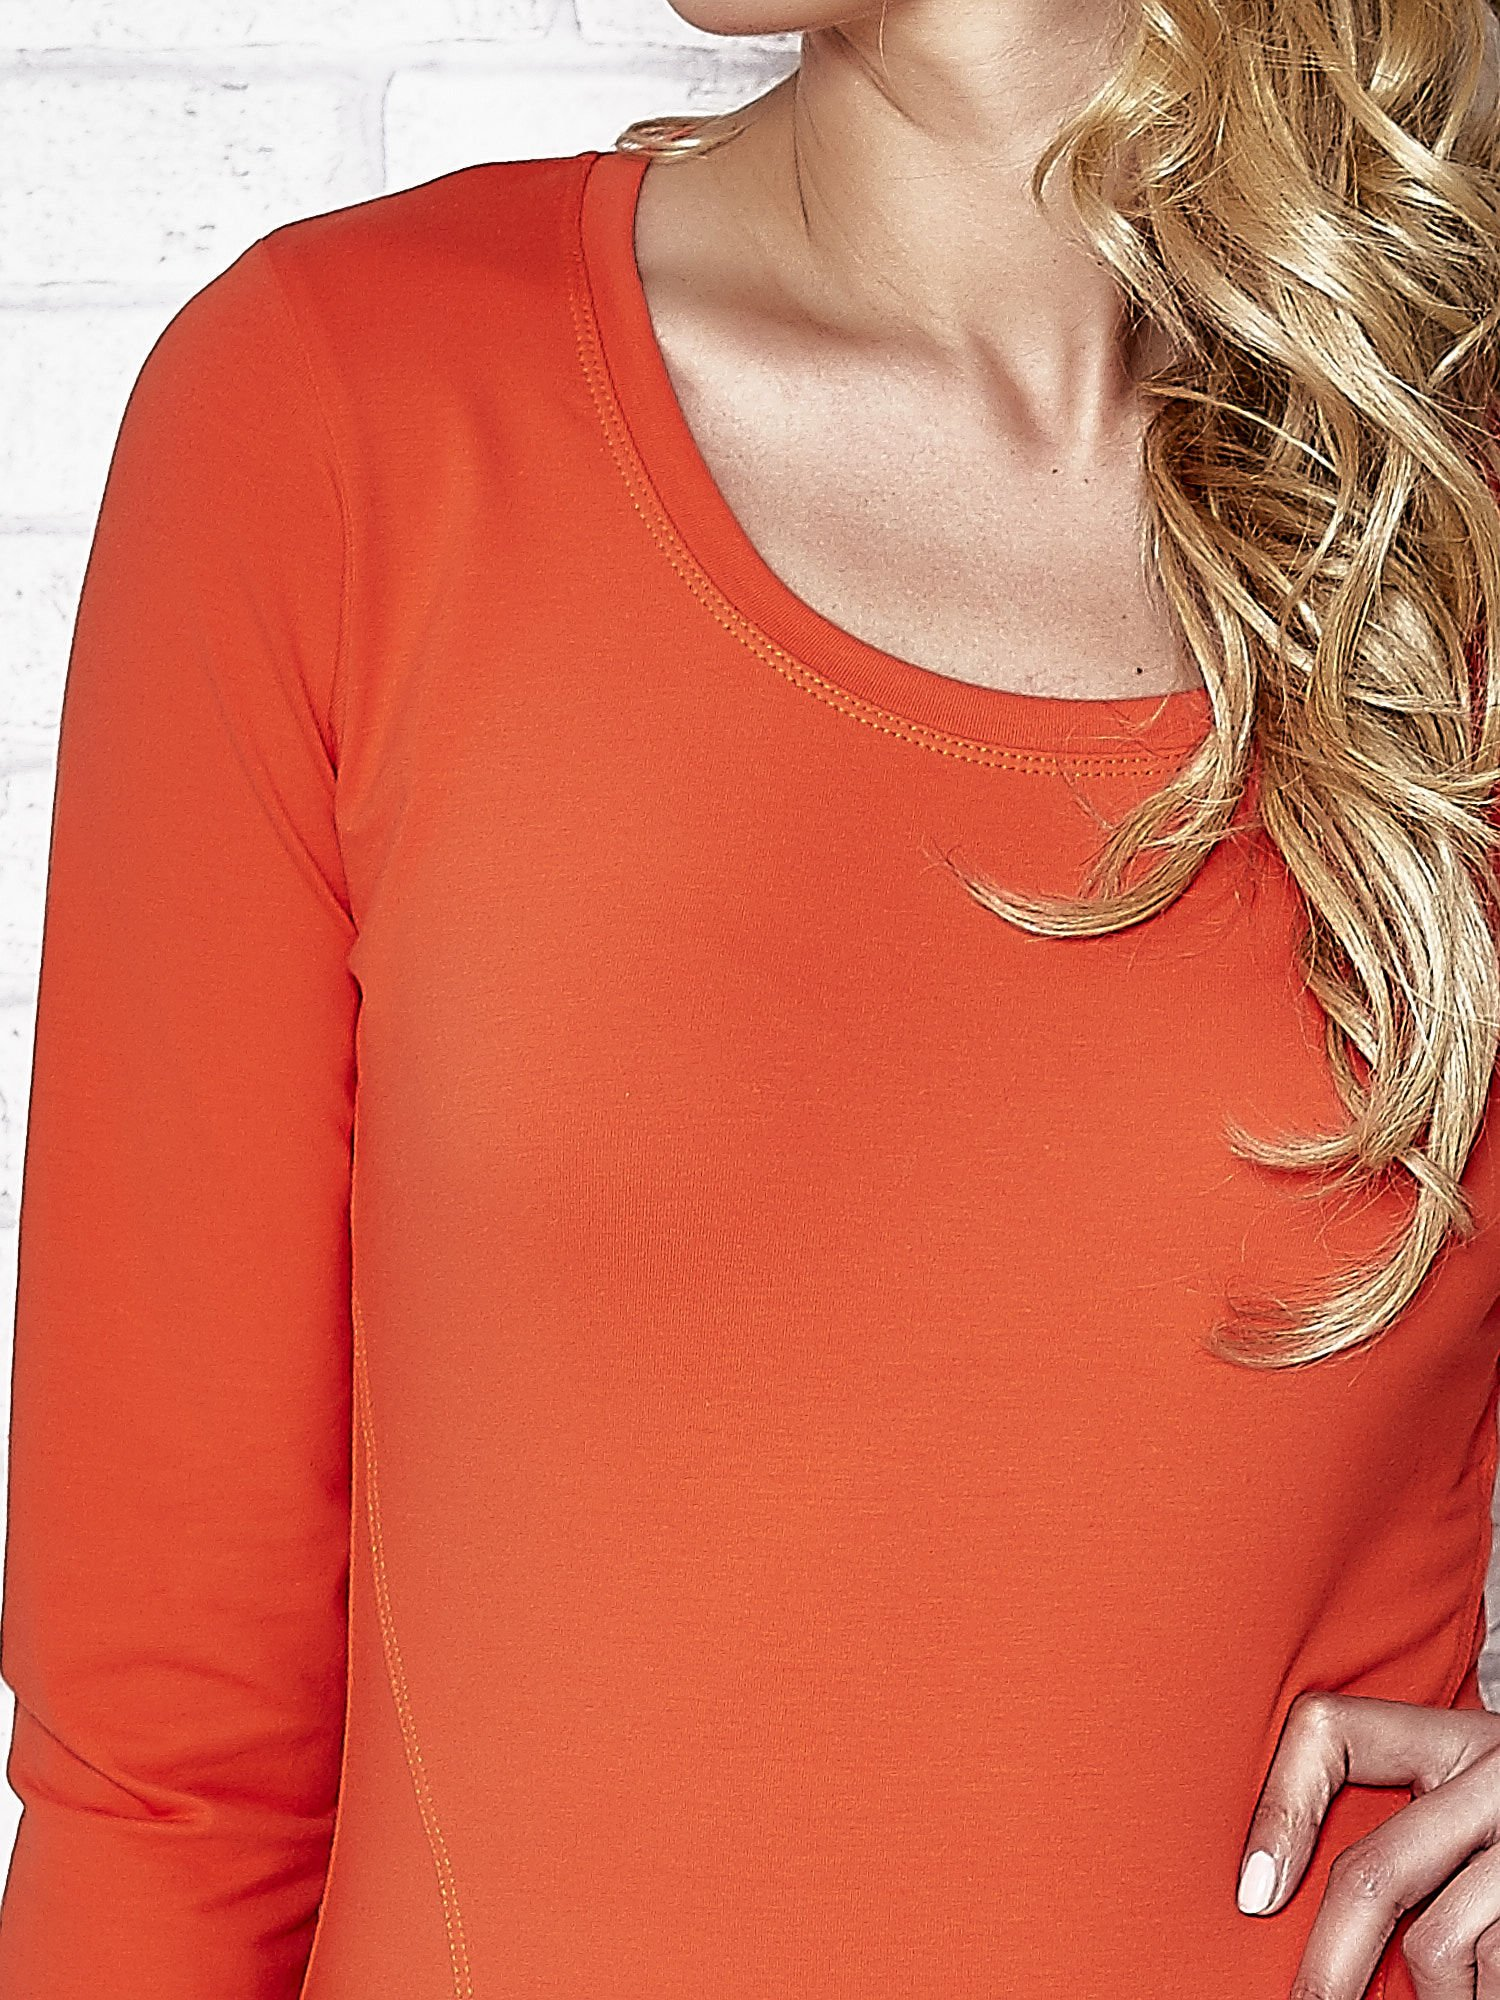 Ciemnopomarańczowa bluzka sportowa z dekoltem U                                  zdj.                                  5